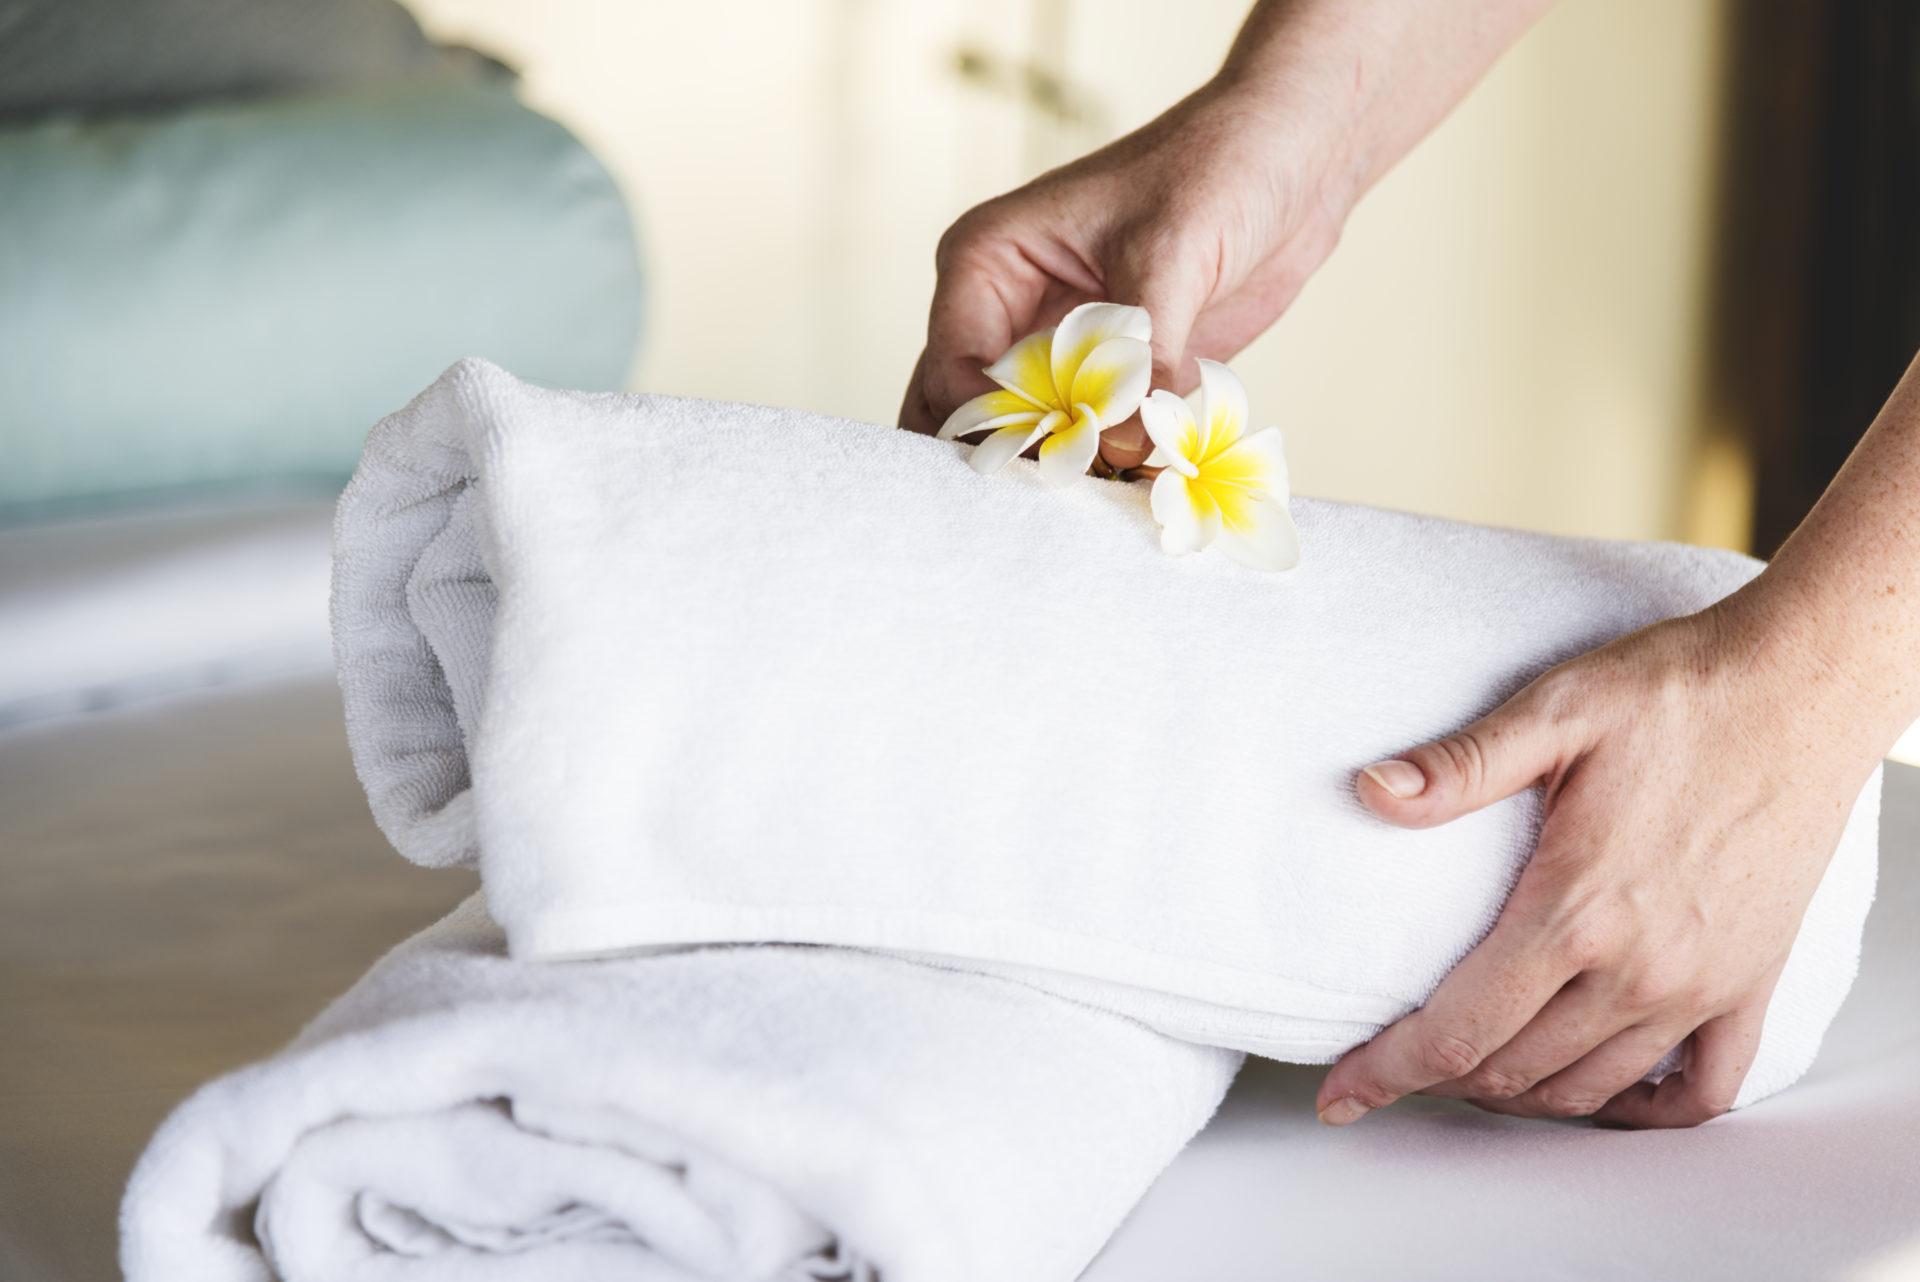 hoteles limpieza textiles coronavirus desinfección